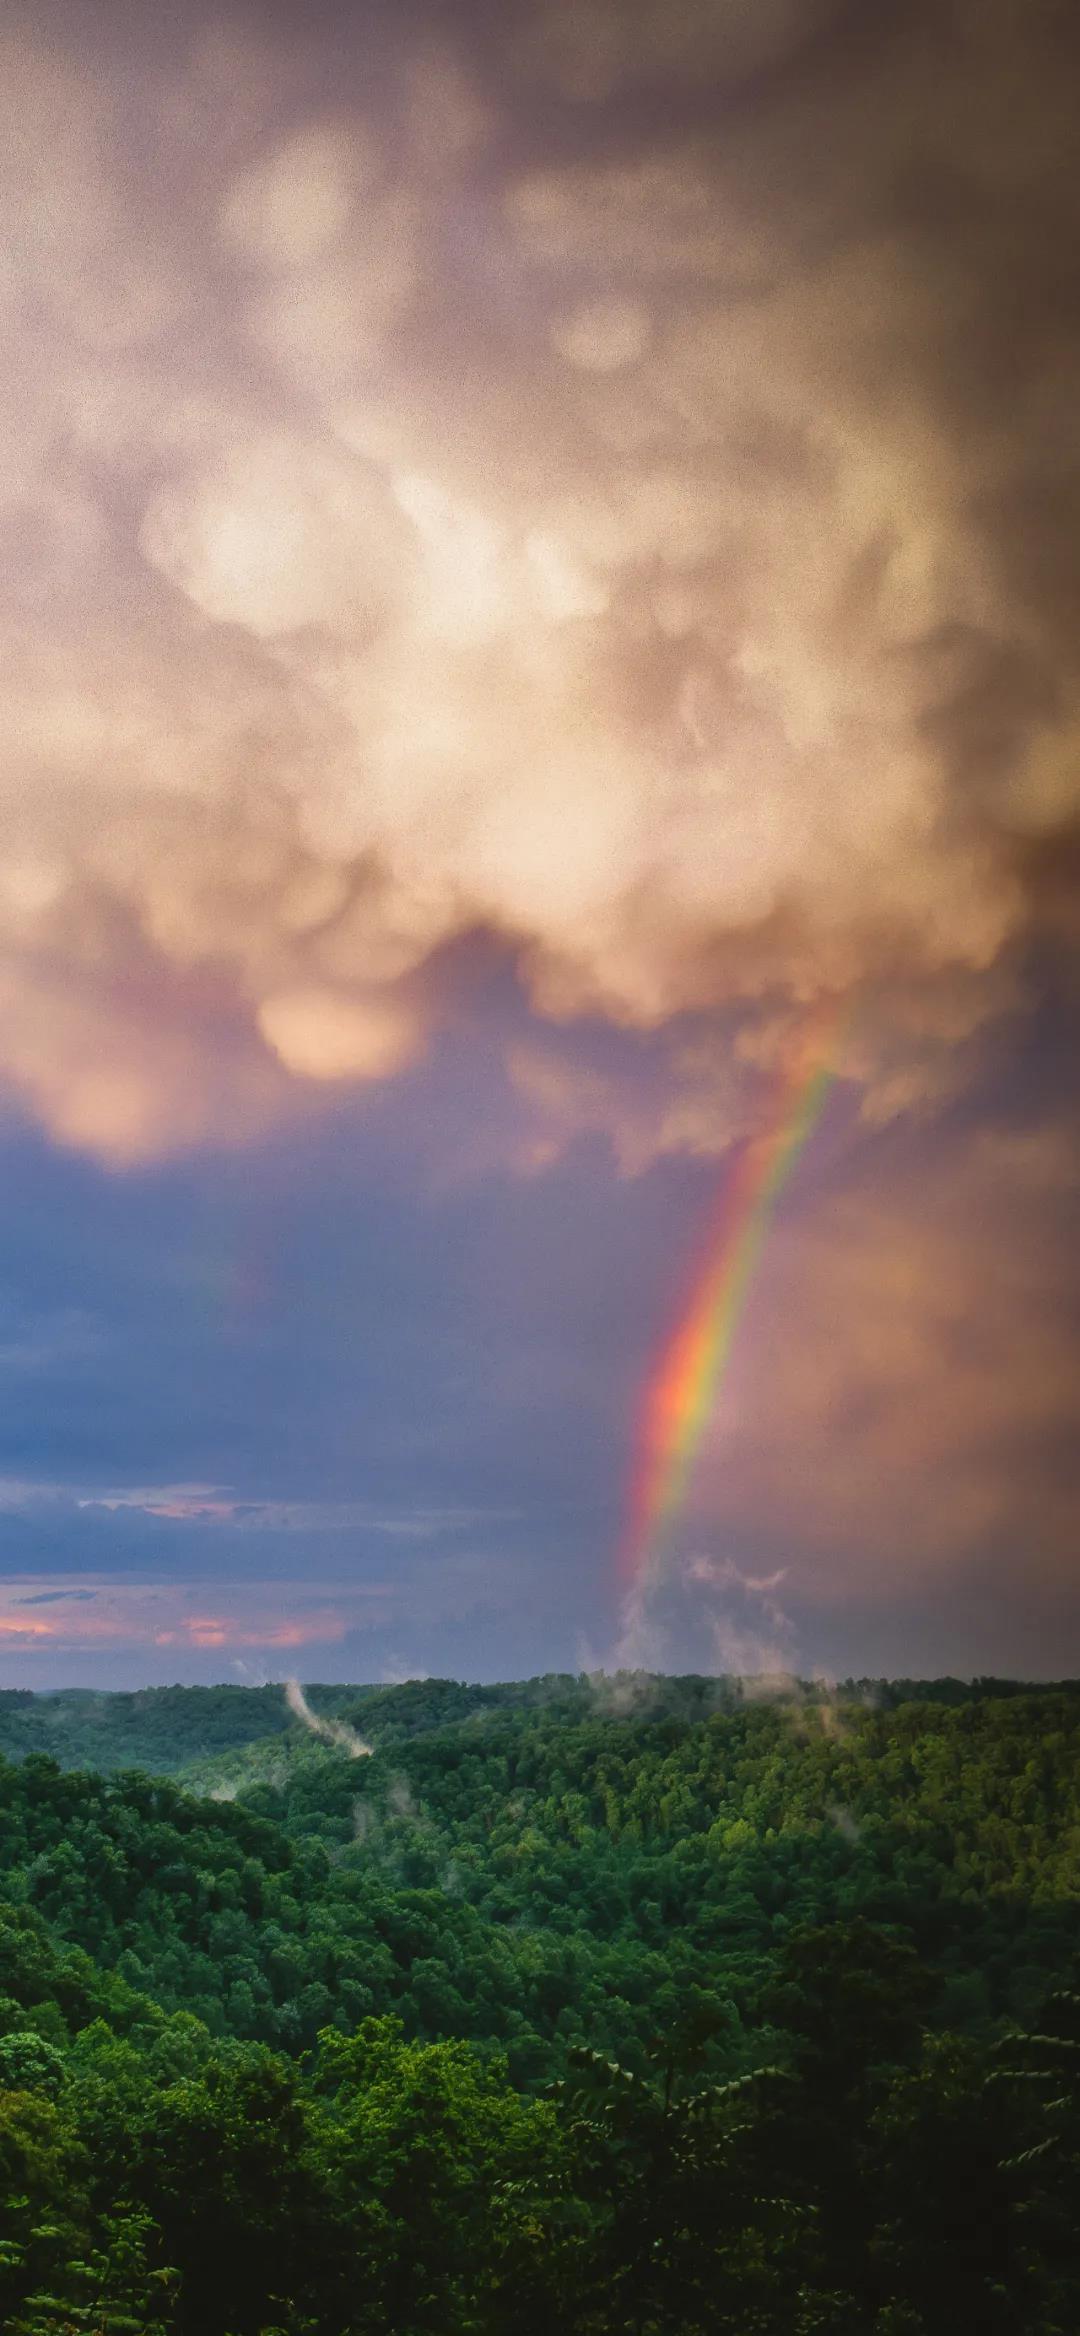 令人心情放松平静的高清唯美天空风景手机壁纸图片